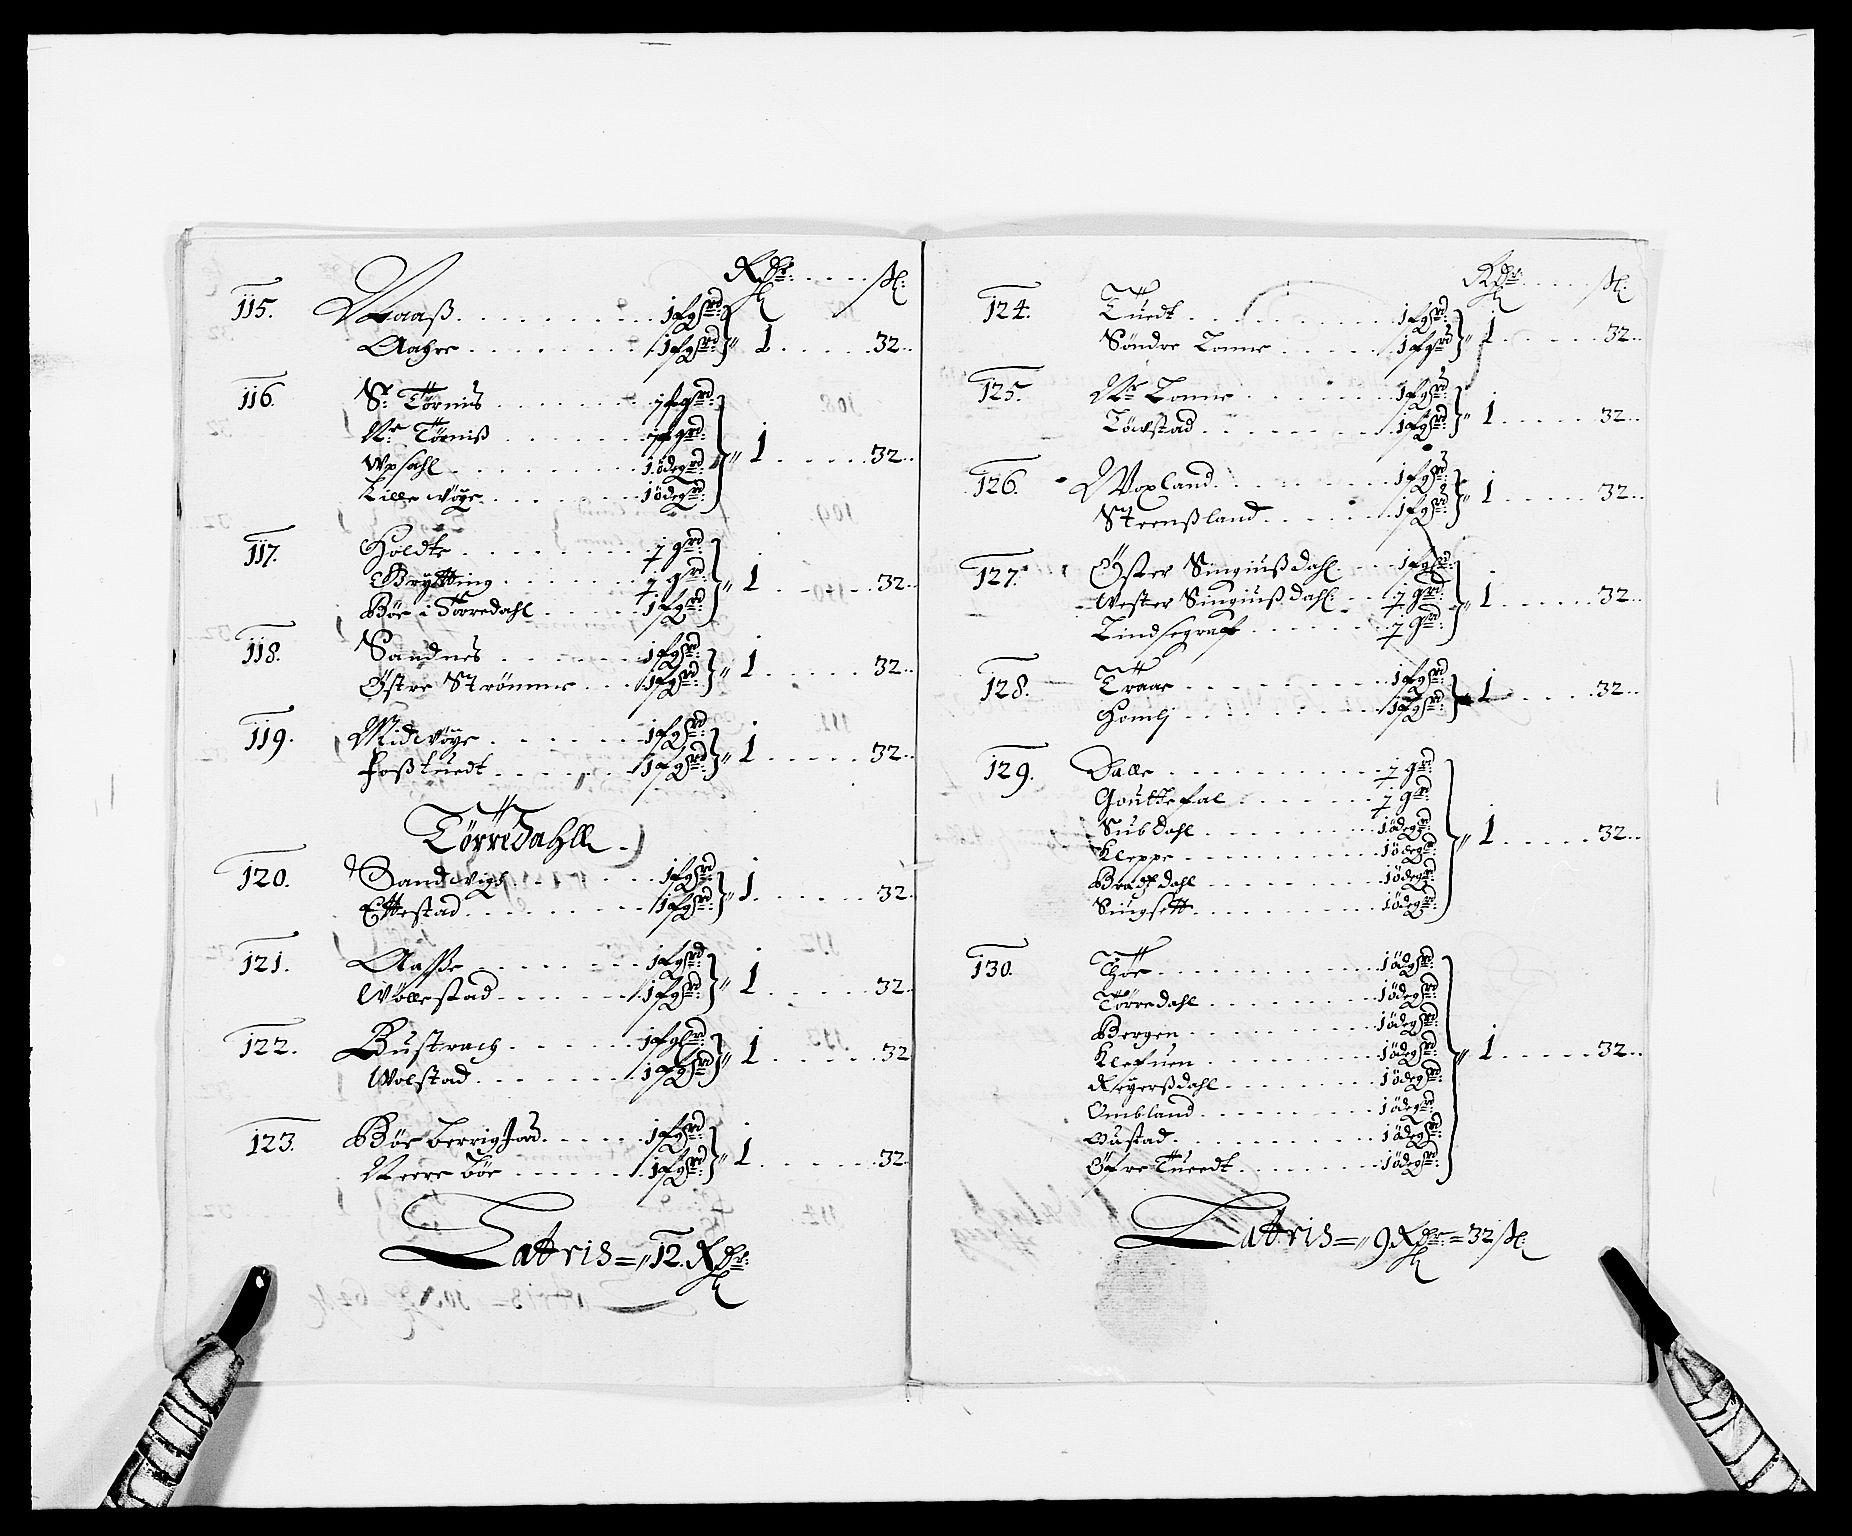 RA, Rentekammeret inntil 1814, Reviderte regnskaper, Fogderegnskap, R34/L2049: Fogderegnskap Bamble, 1685-1687, s. 303